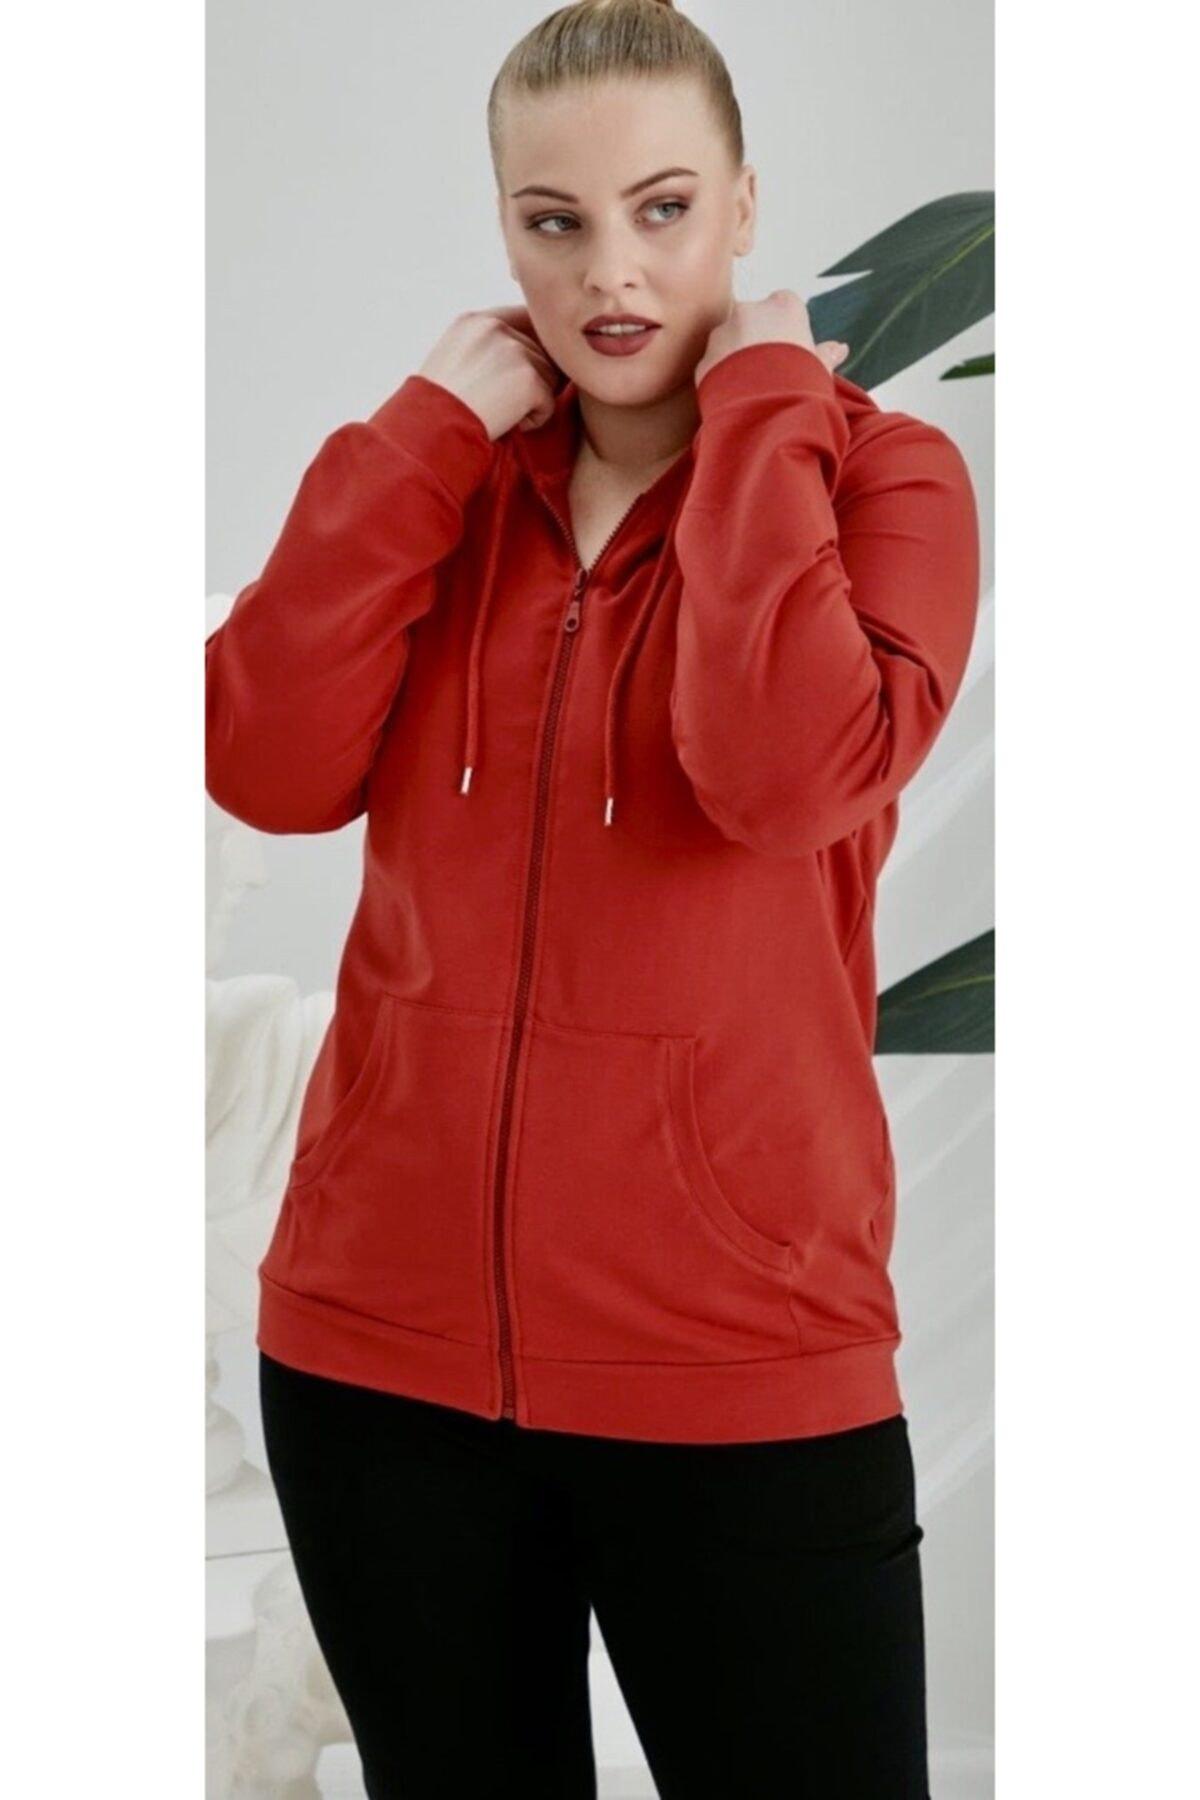 RMG Kadın Kırmızı Büyük Beden Fermuarlı Kapüşonlu Sweatshirt 1